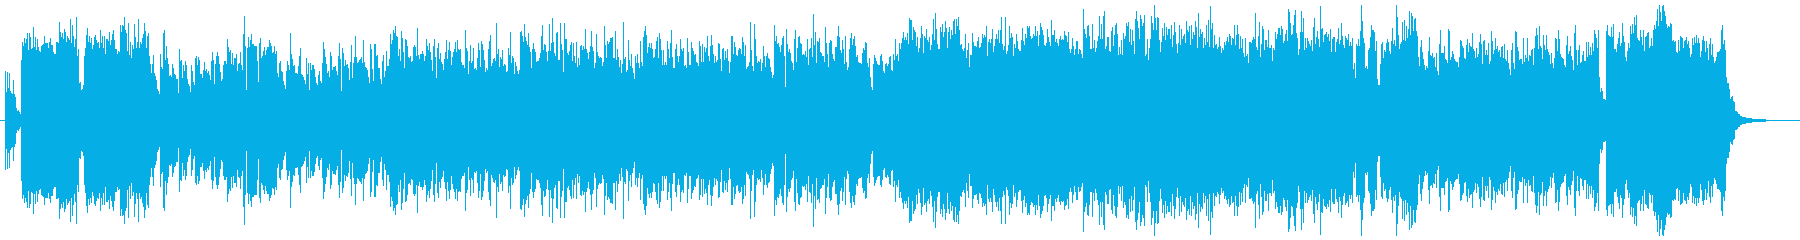 戦隊モノOPイメージ アップテンポロックの再生済みの波形